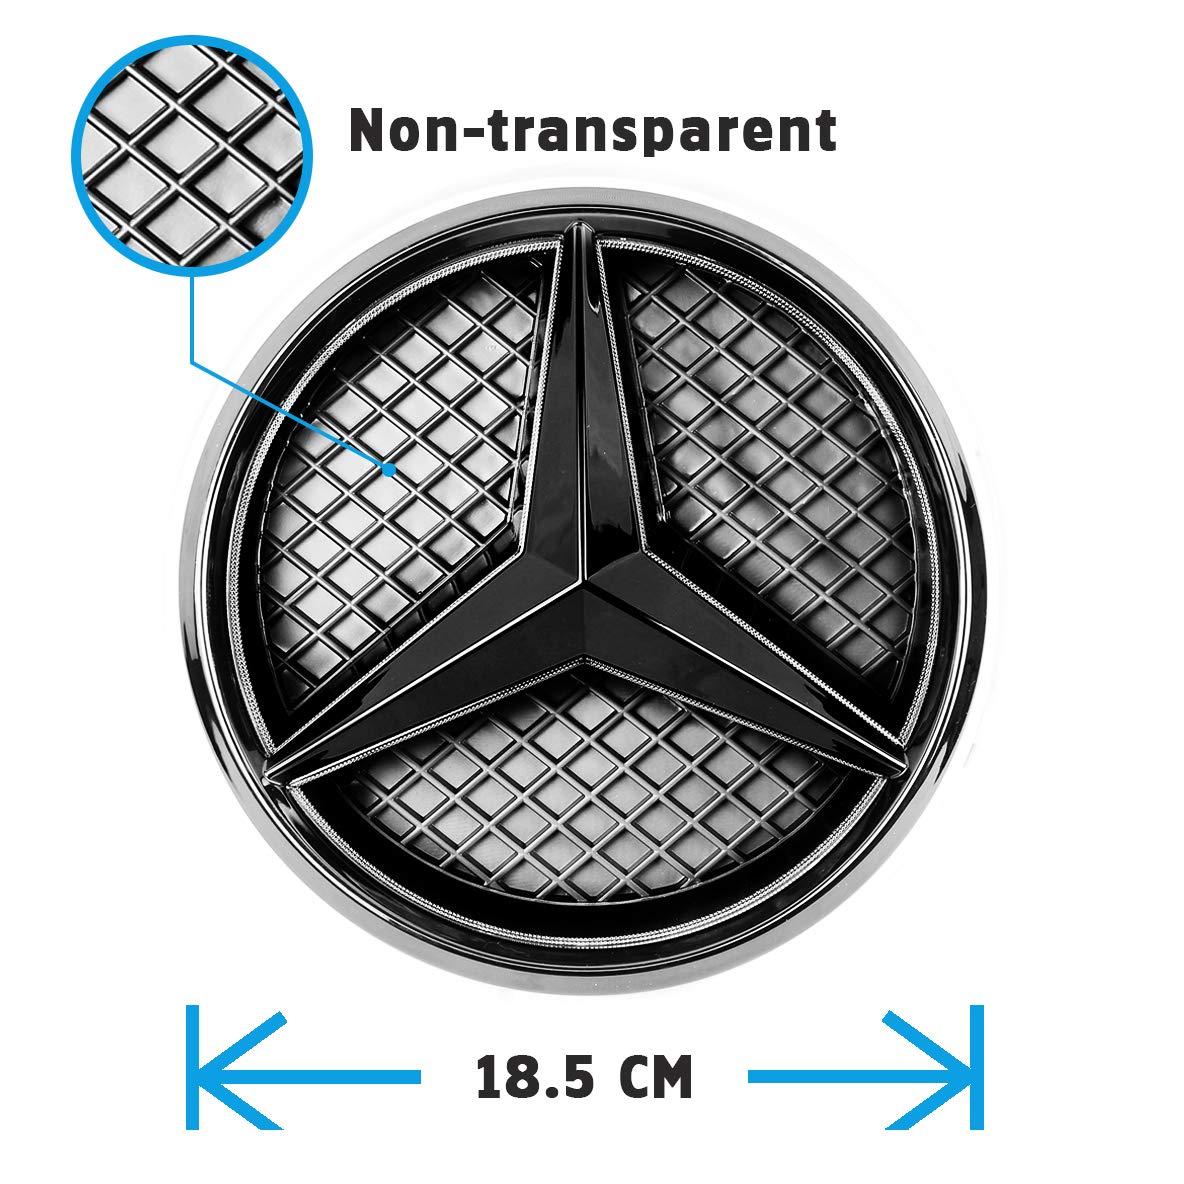 JetStyle LED Emblema 2011 - 2018, Negro Rejilla de Radiador Logotipo, Logo Automotriz Iluminado, Aros Resplandecientes, Auto Luces Diurnas Blanco ...